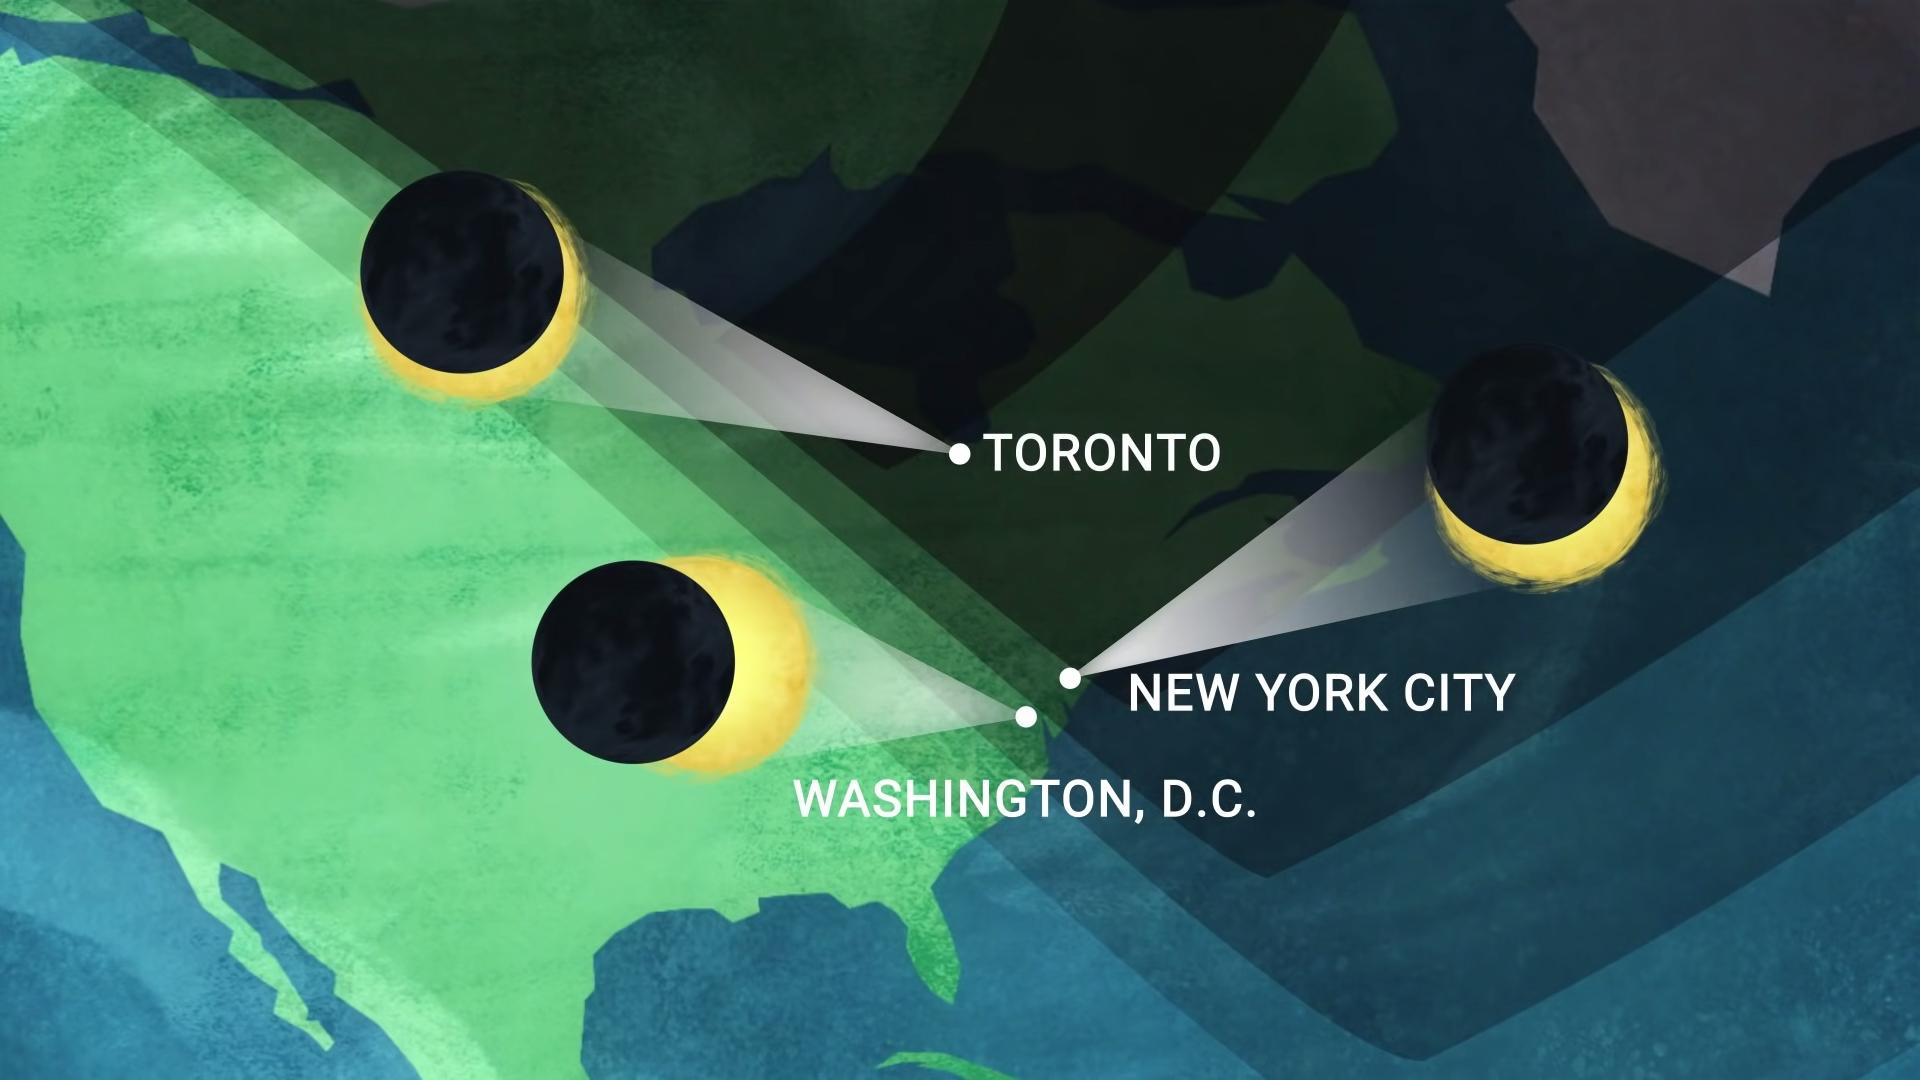 Cette carte montre comment l'éclipse solaire du 10 juin 2021 apparaîtra dans les villes de l'est des États-Unis